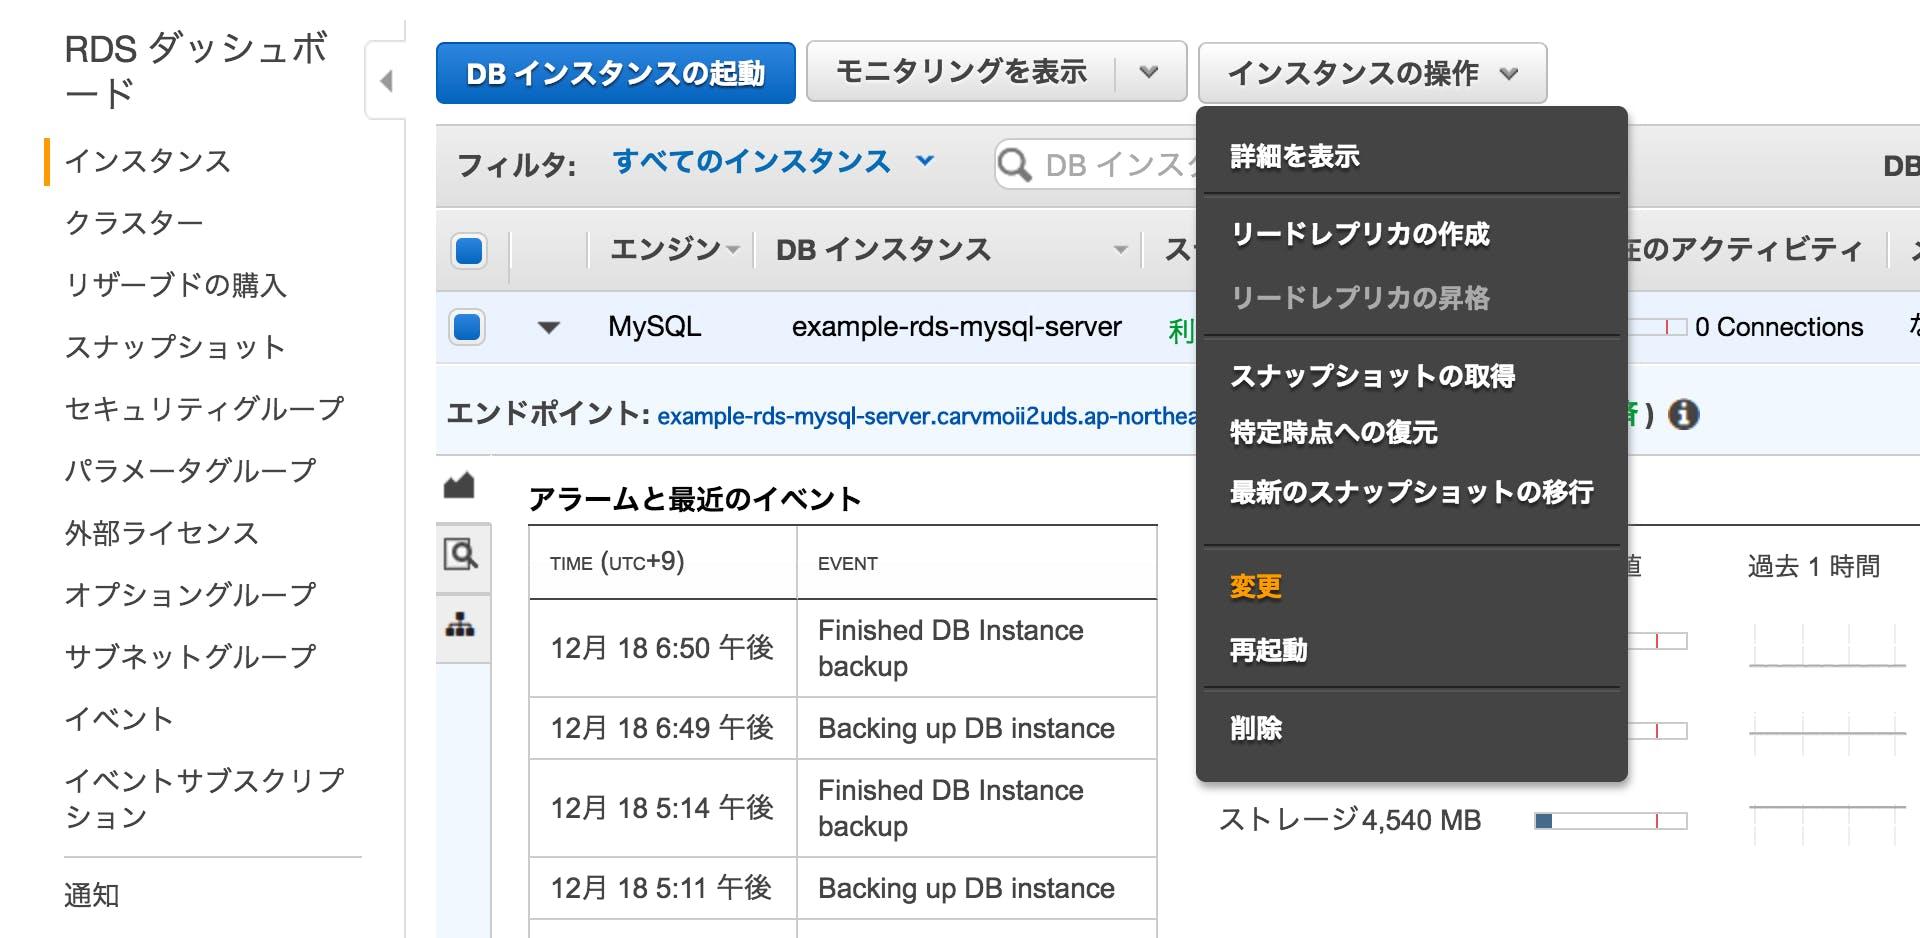 スクリーンショット 2016-12-18 20.10.01.png